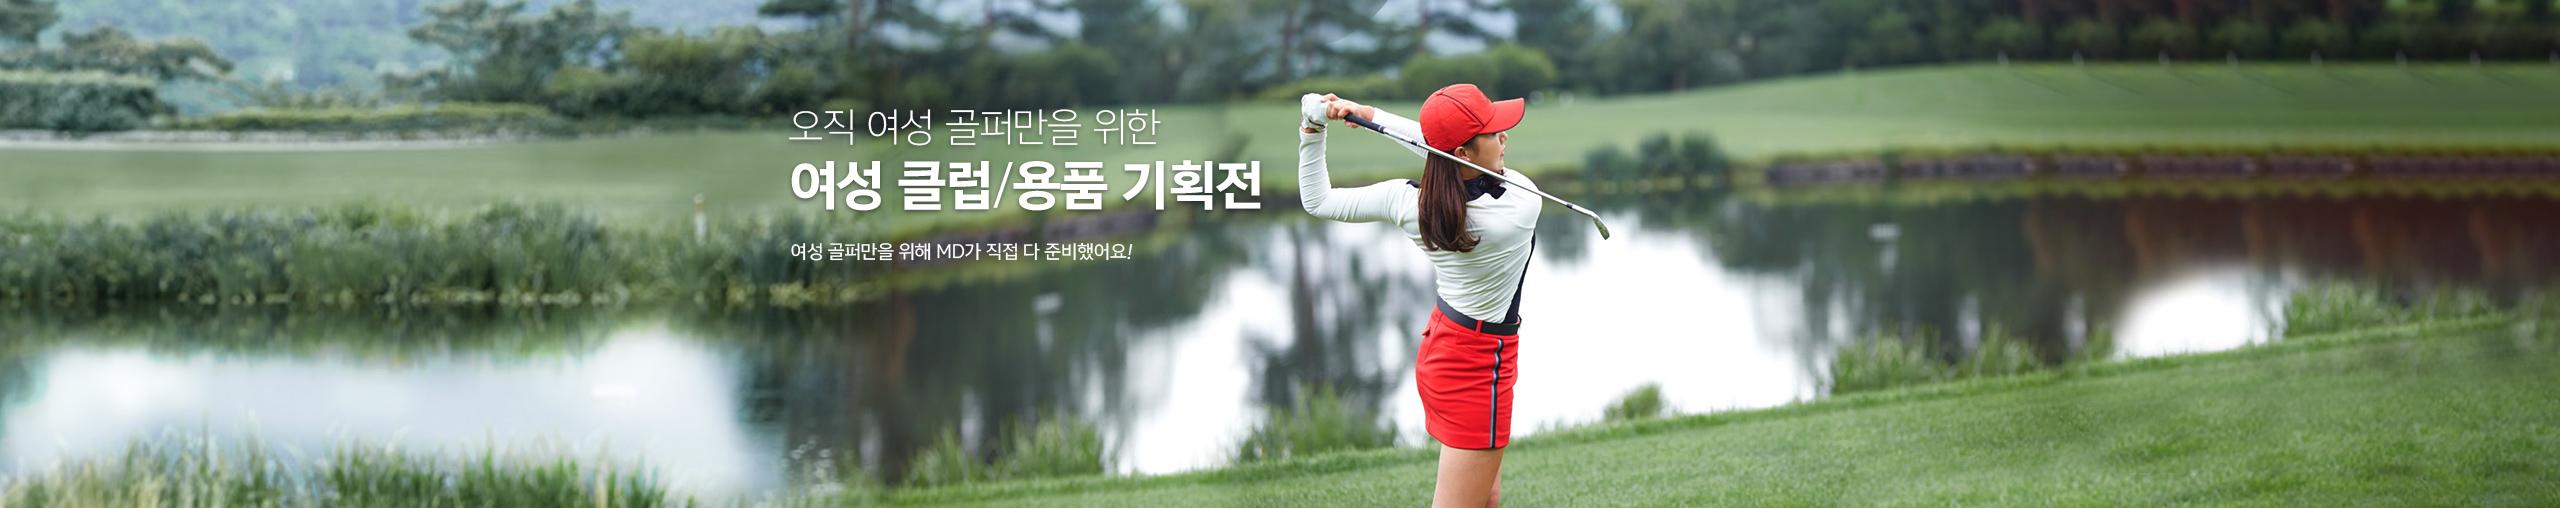 여성 골프 새로고침